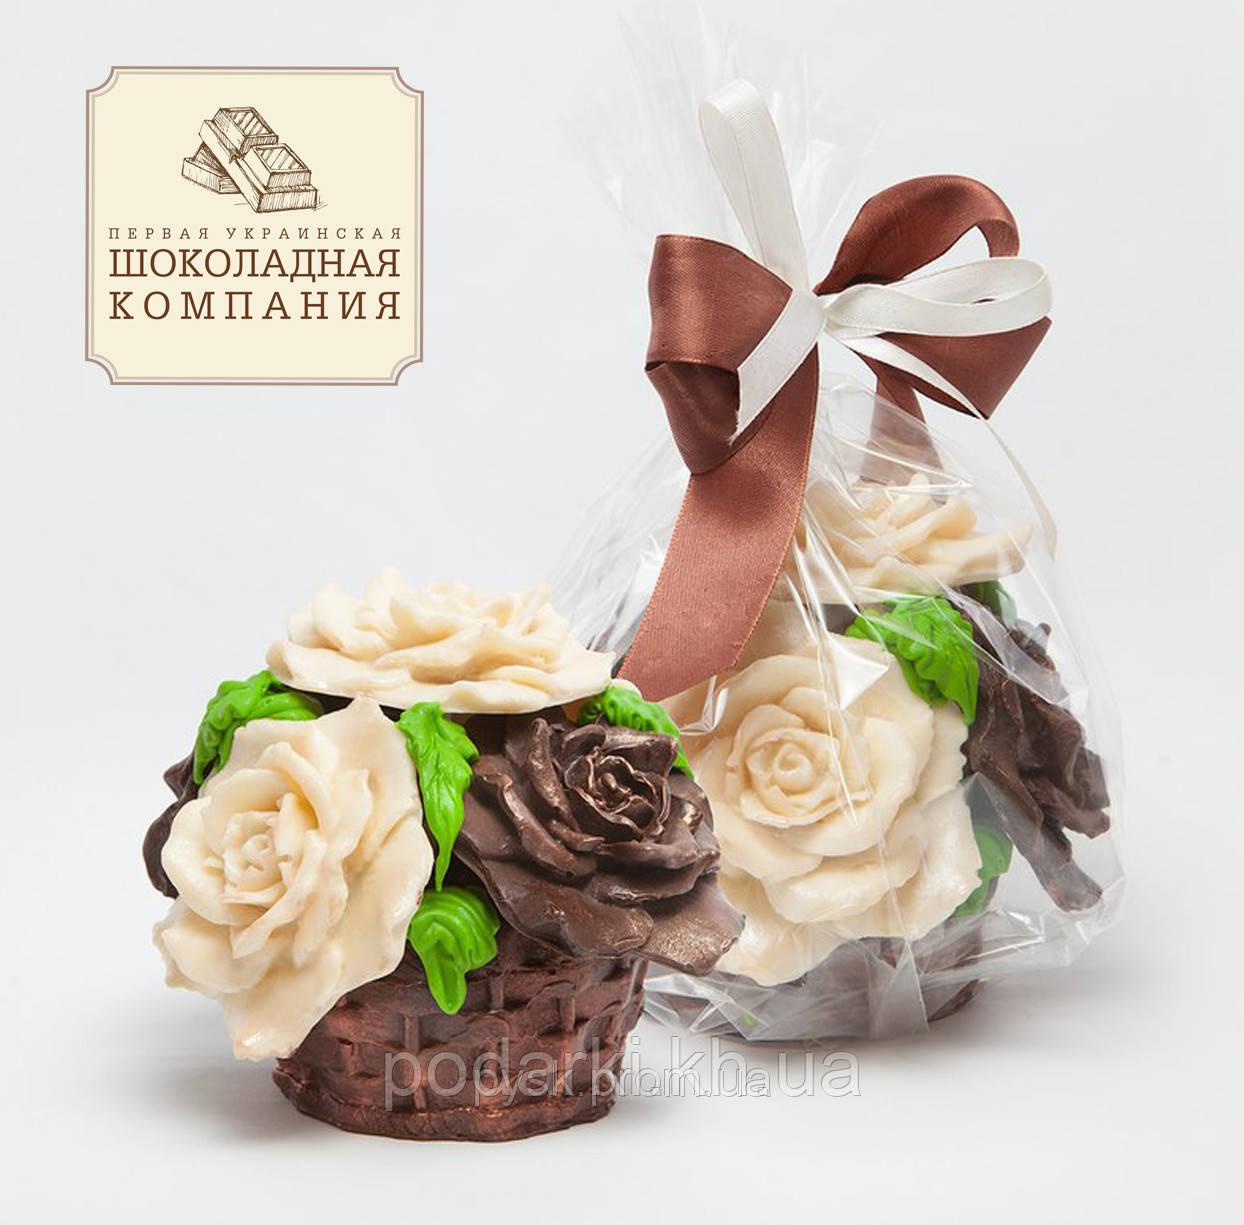 Букет из шоколада для жены на День влюбленных. Шоколадный подарок от мужа.